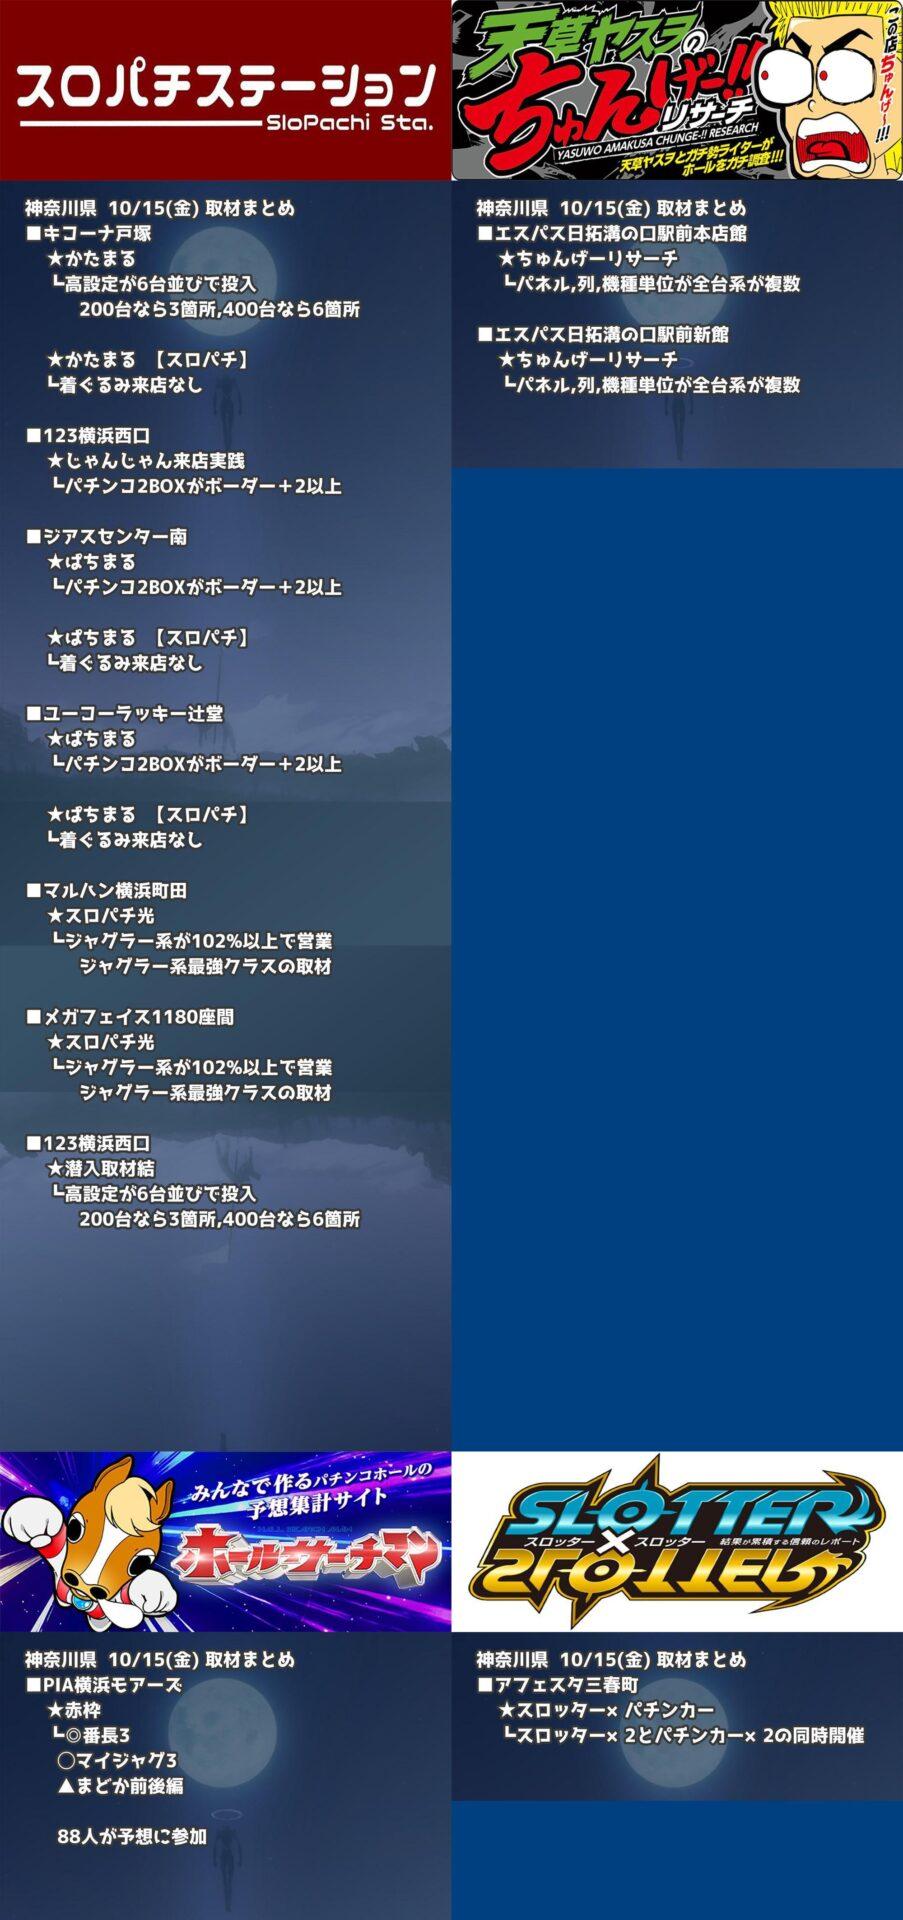 神奈川県_2021-10-15_パチンコ・パチスロ_イベント